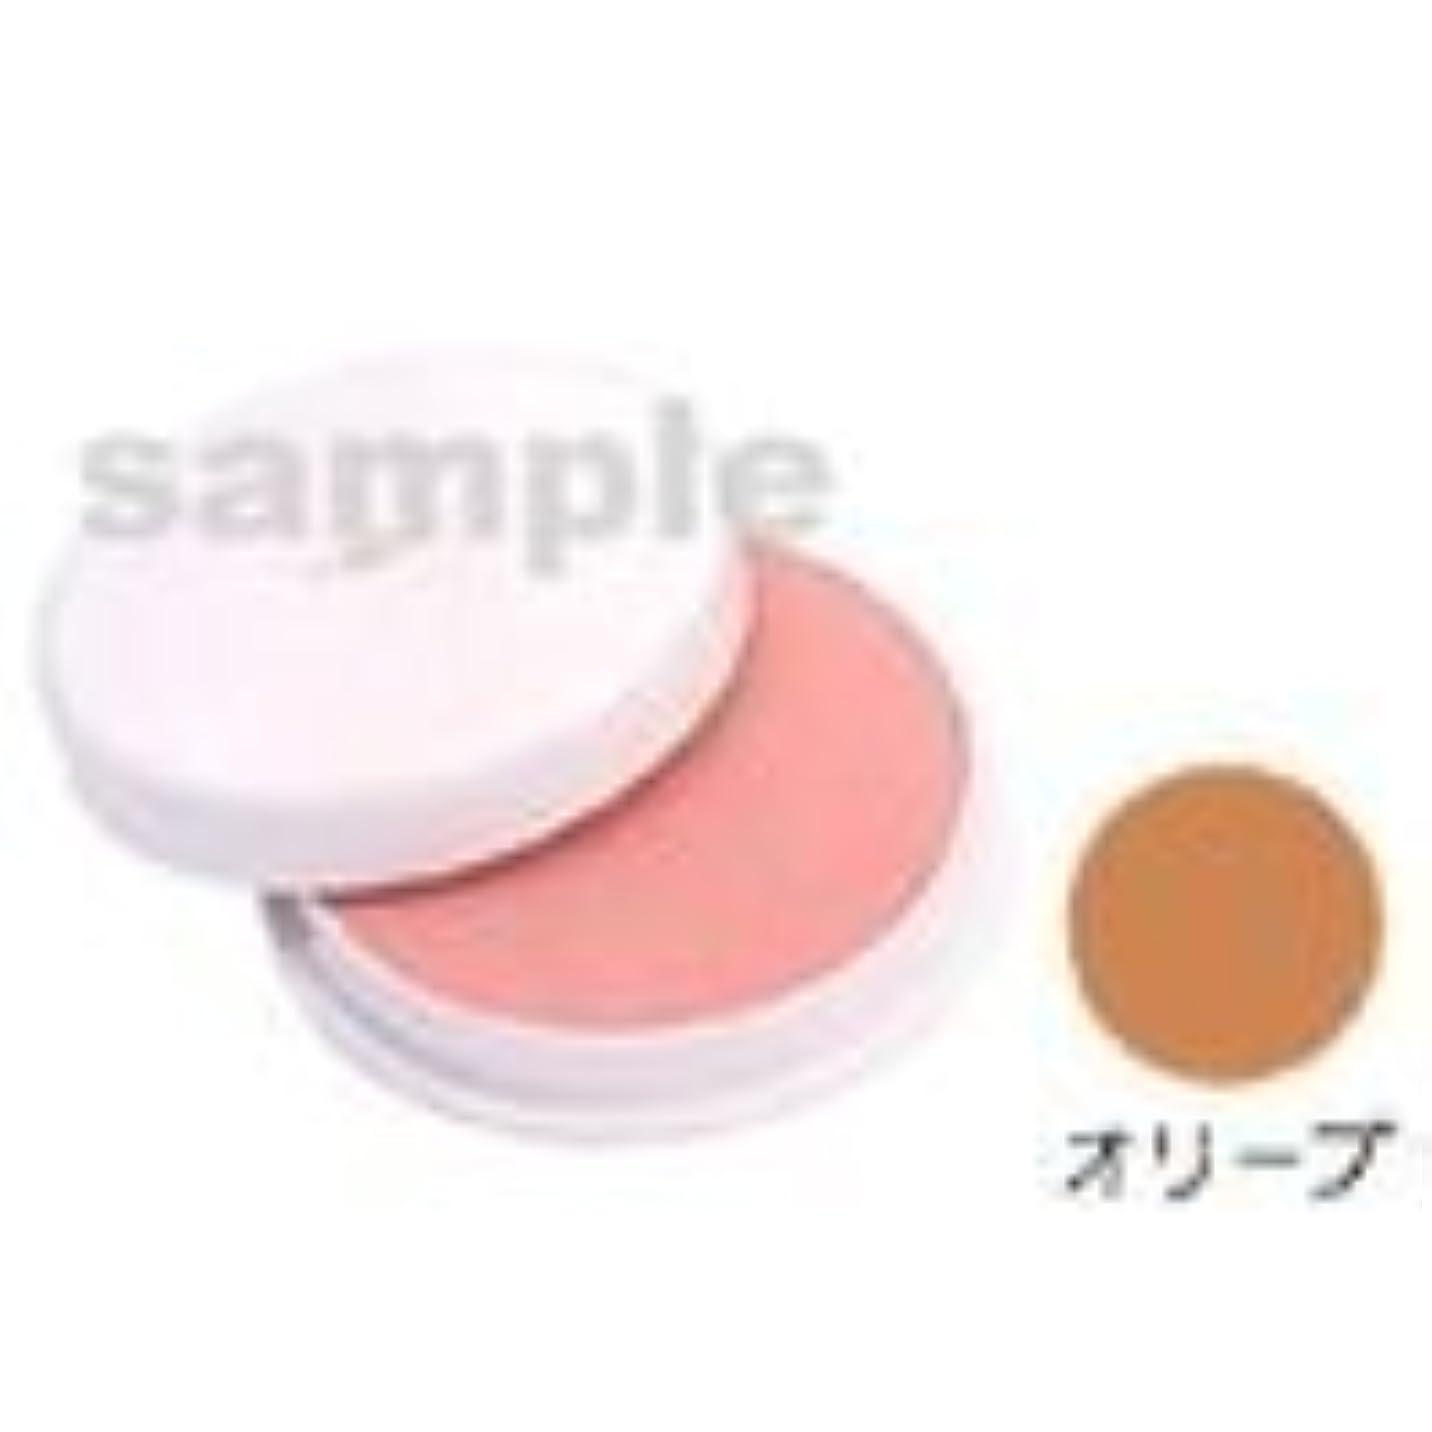 拍車監査手当三善 フェースケーキ ファンデーション コスプレメイク 舞台メイク カラー:オリーブ (C)